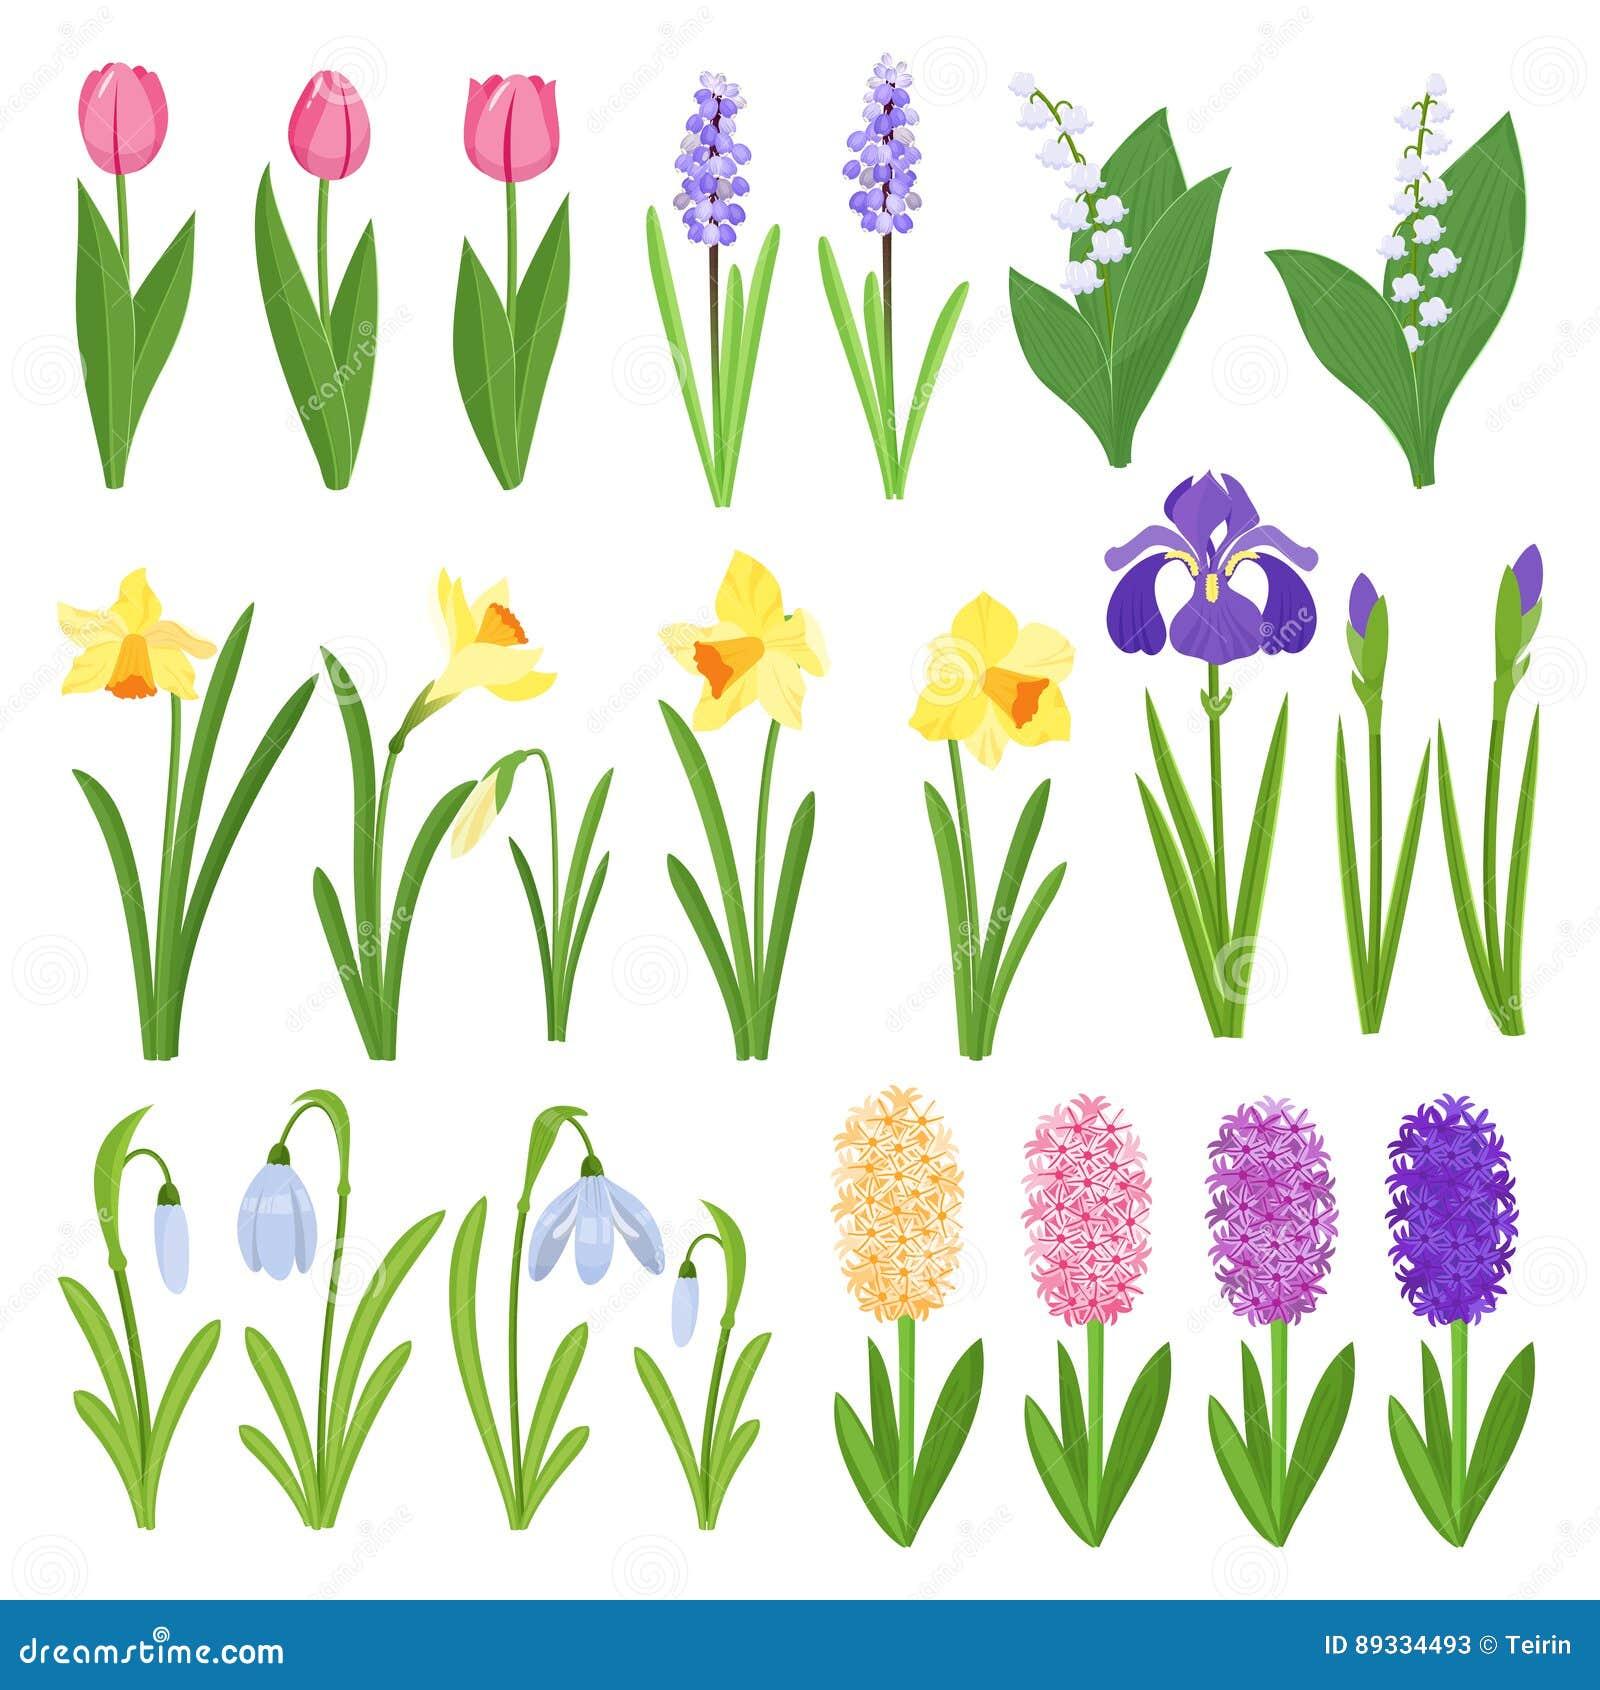 Just rained Iriers, liljor av dalen, tulpan, narcissuses, krokusar och andra primulor Trädgårds- designsymboler